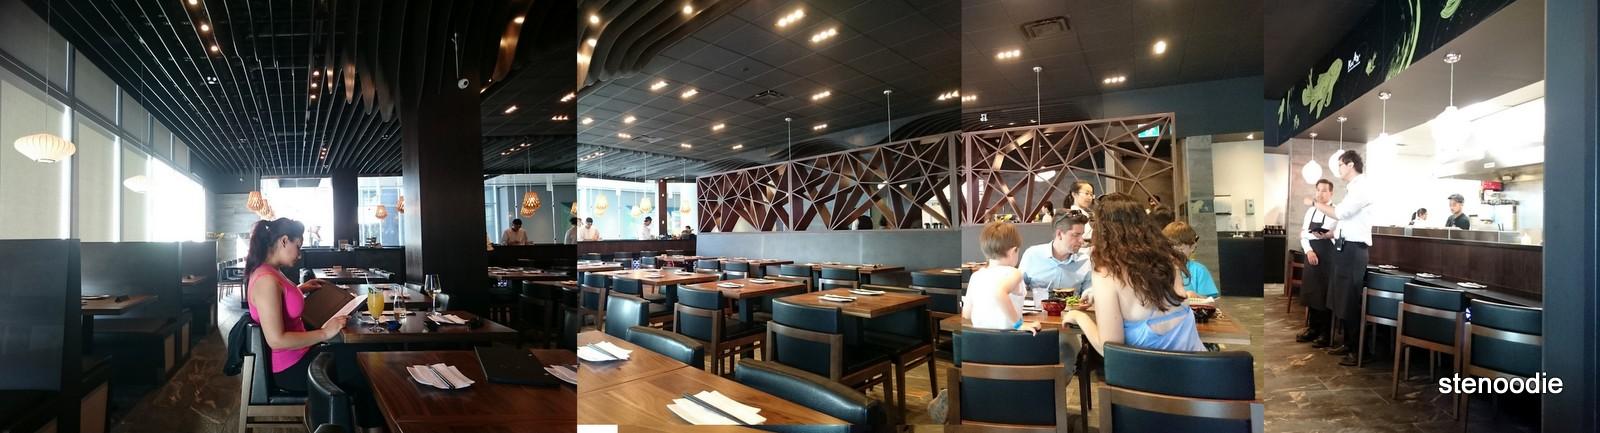 Kiu Japanese Restaurant interior